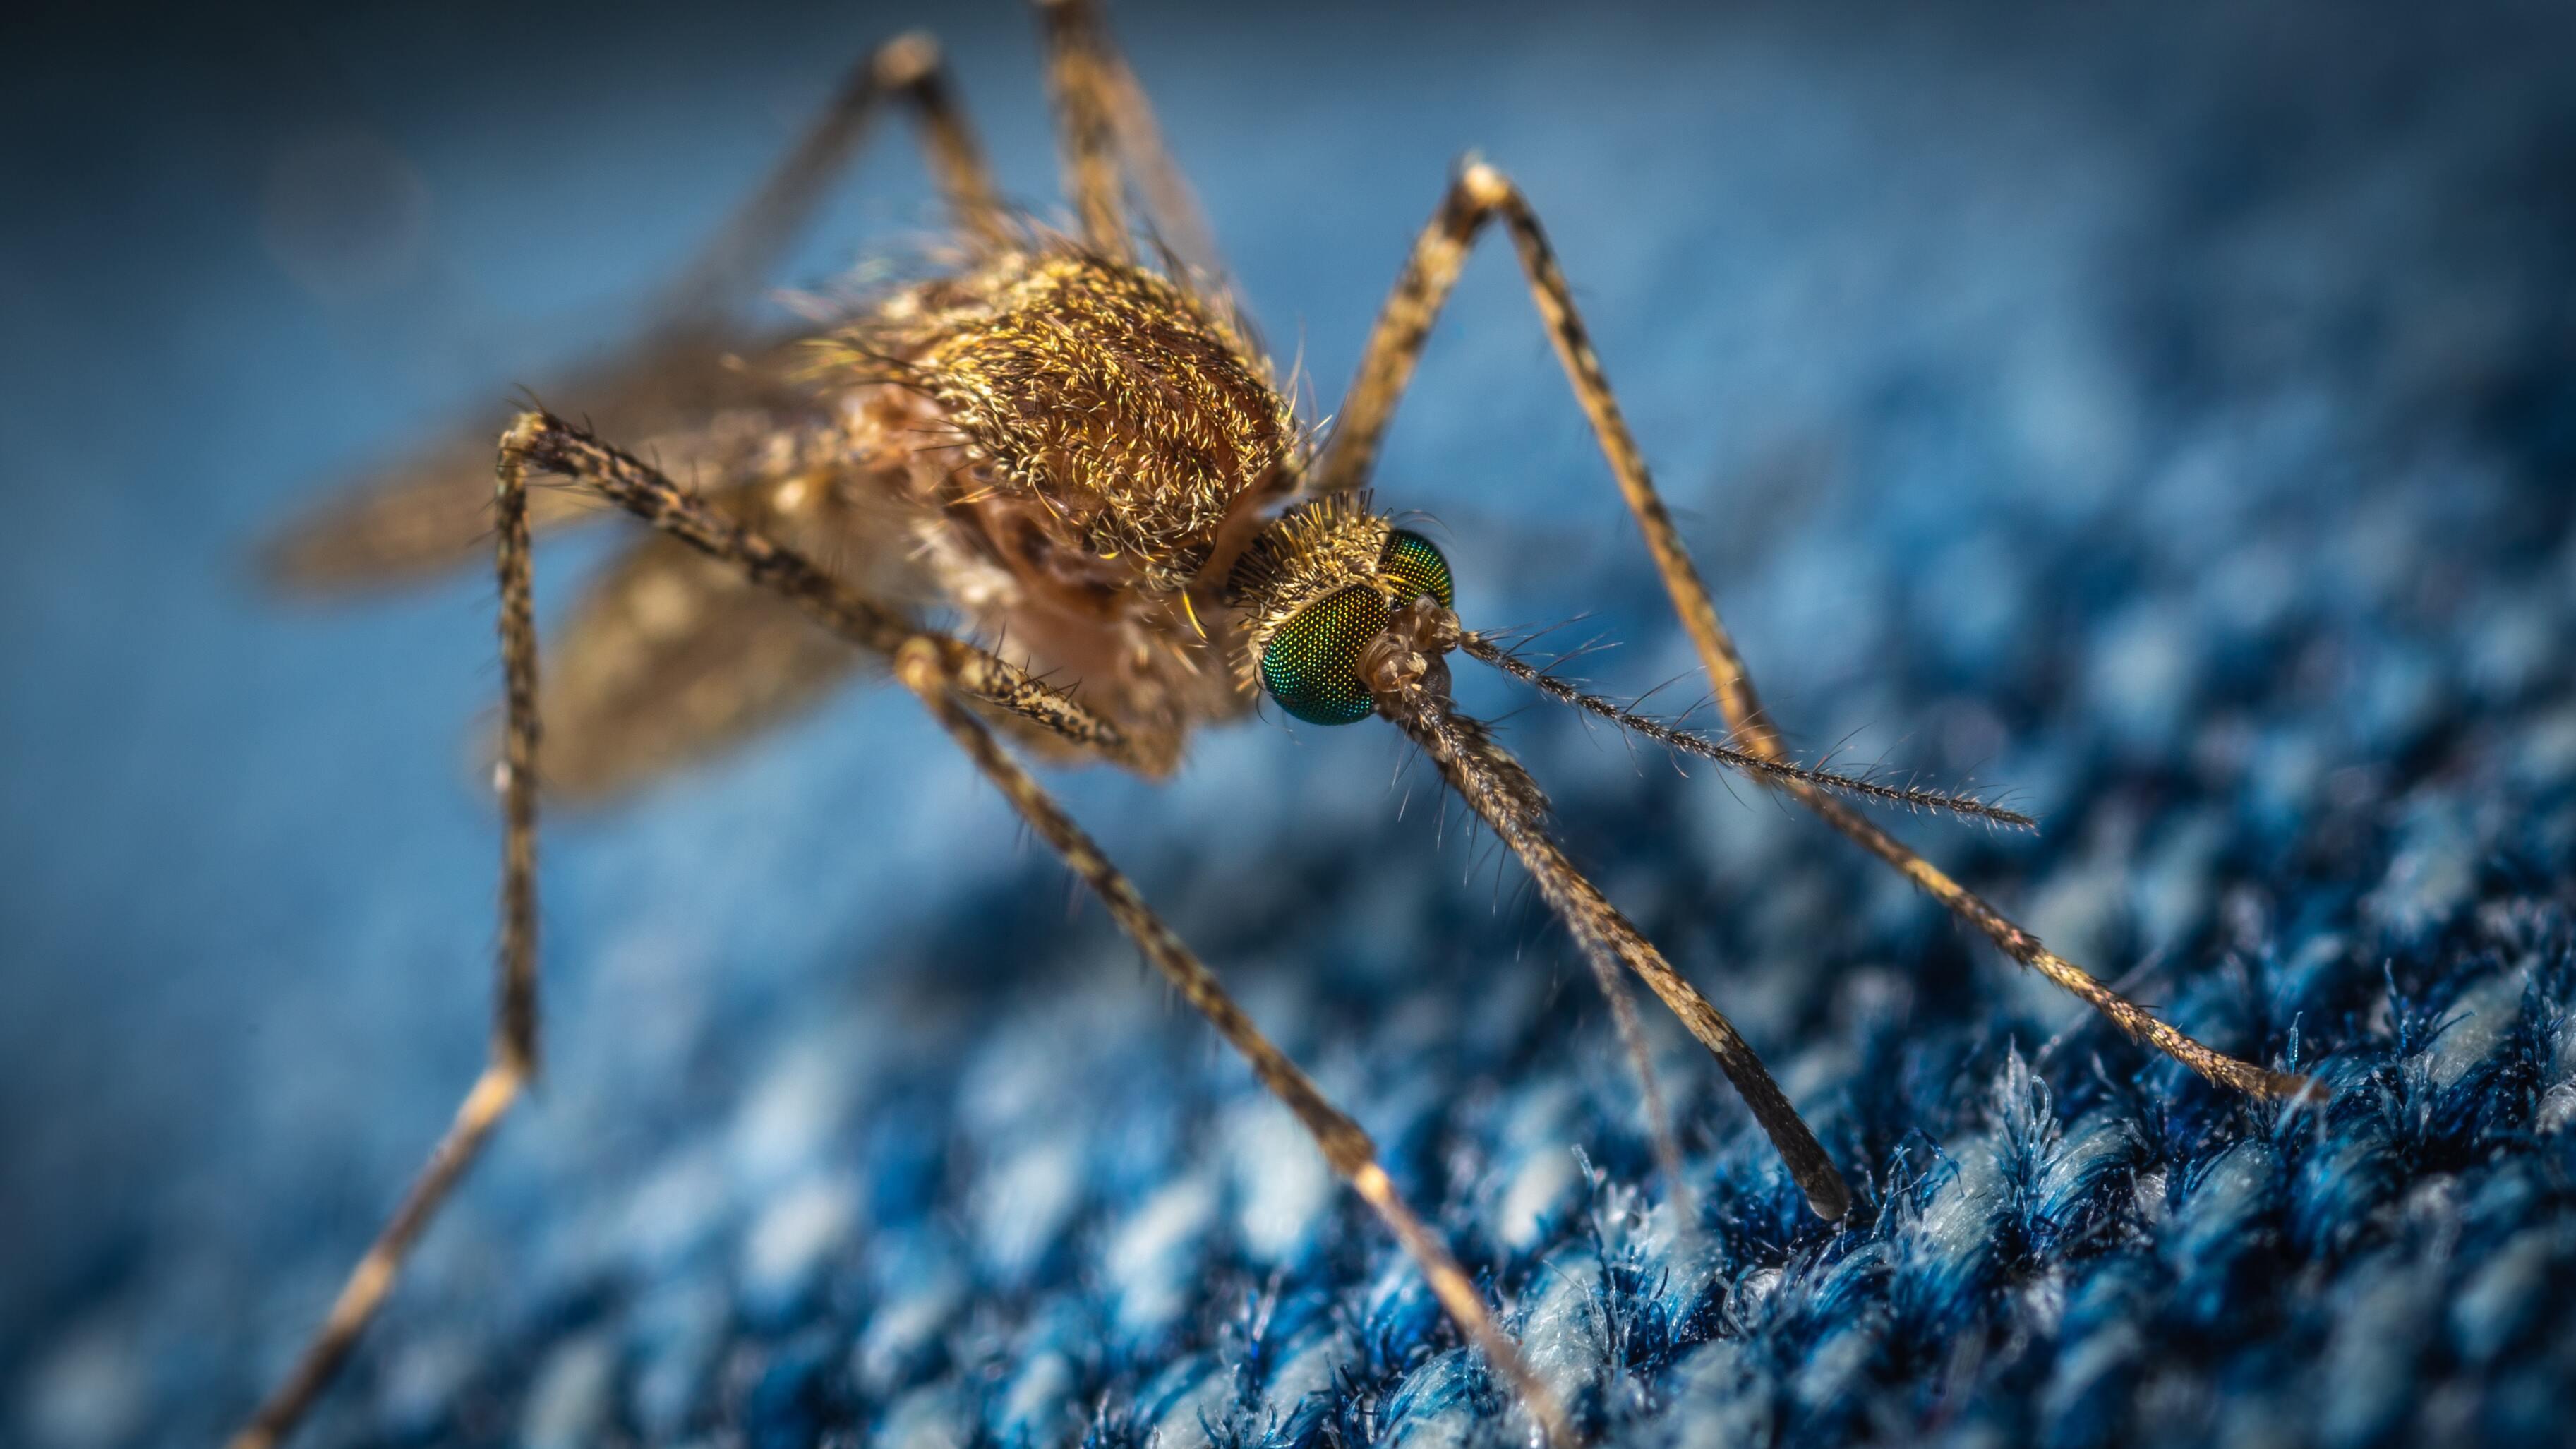 Учёные обнаружили, что комары умнее, чем считалось раньше